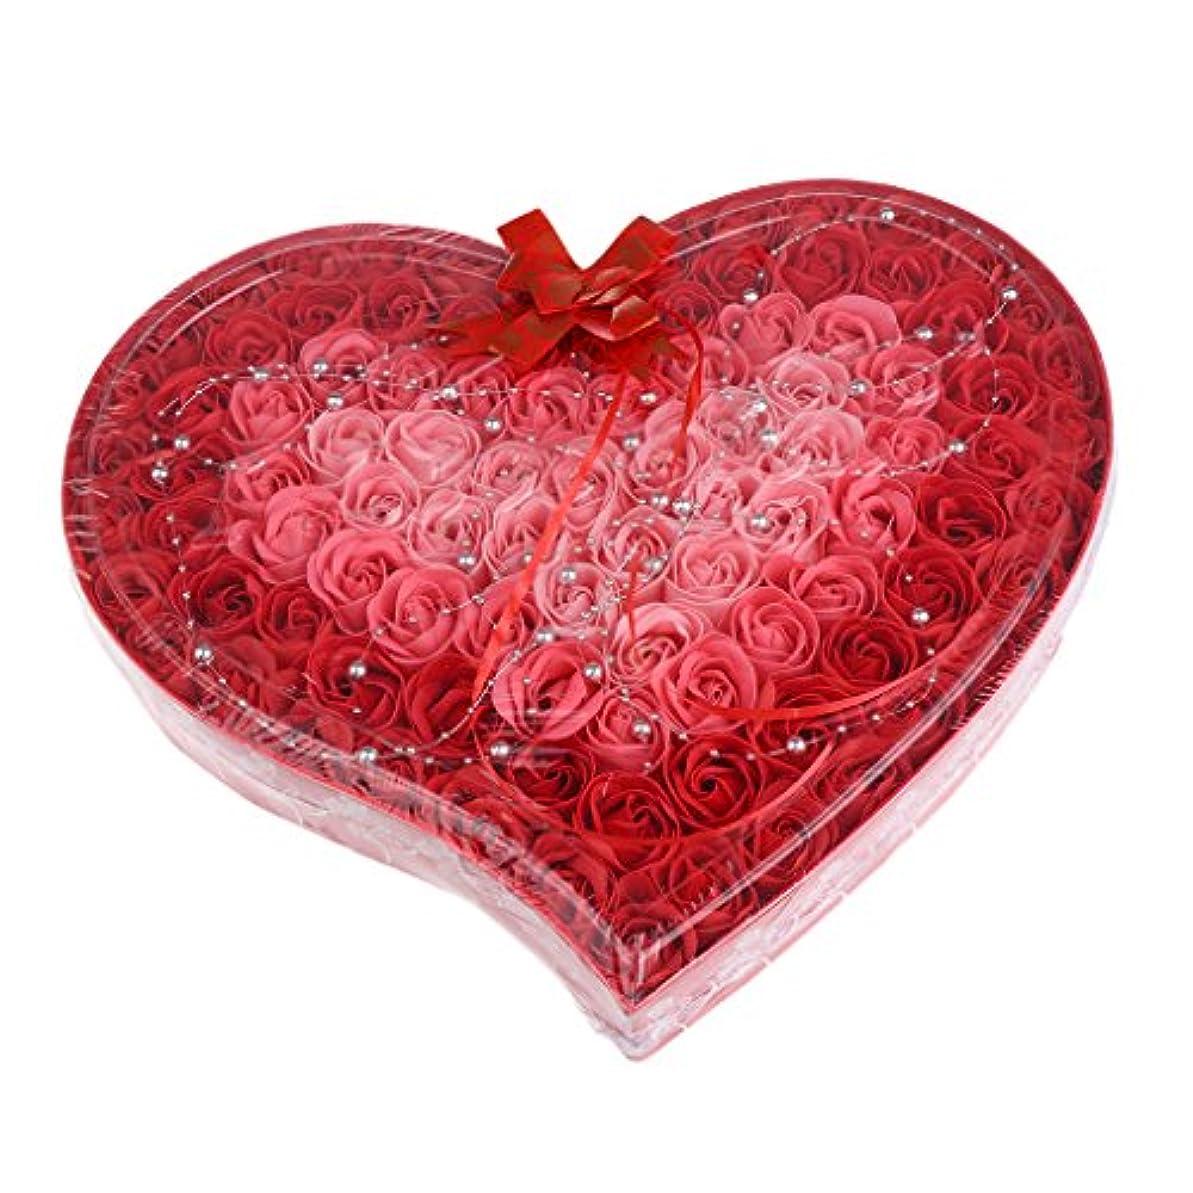 と遊ぶのり癒すBaoblaze 石鹸の花 母の日 プレゼント 石鹸 お花 枯れないお花 心の形 ギフトボックス 約100個 プレゼント 4色選択可 - 赤